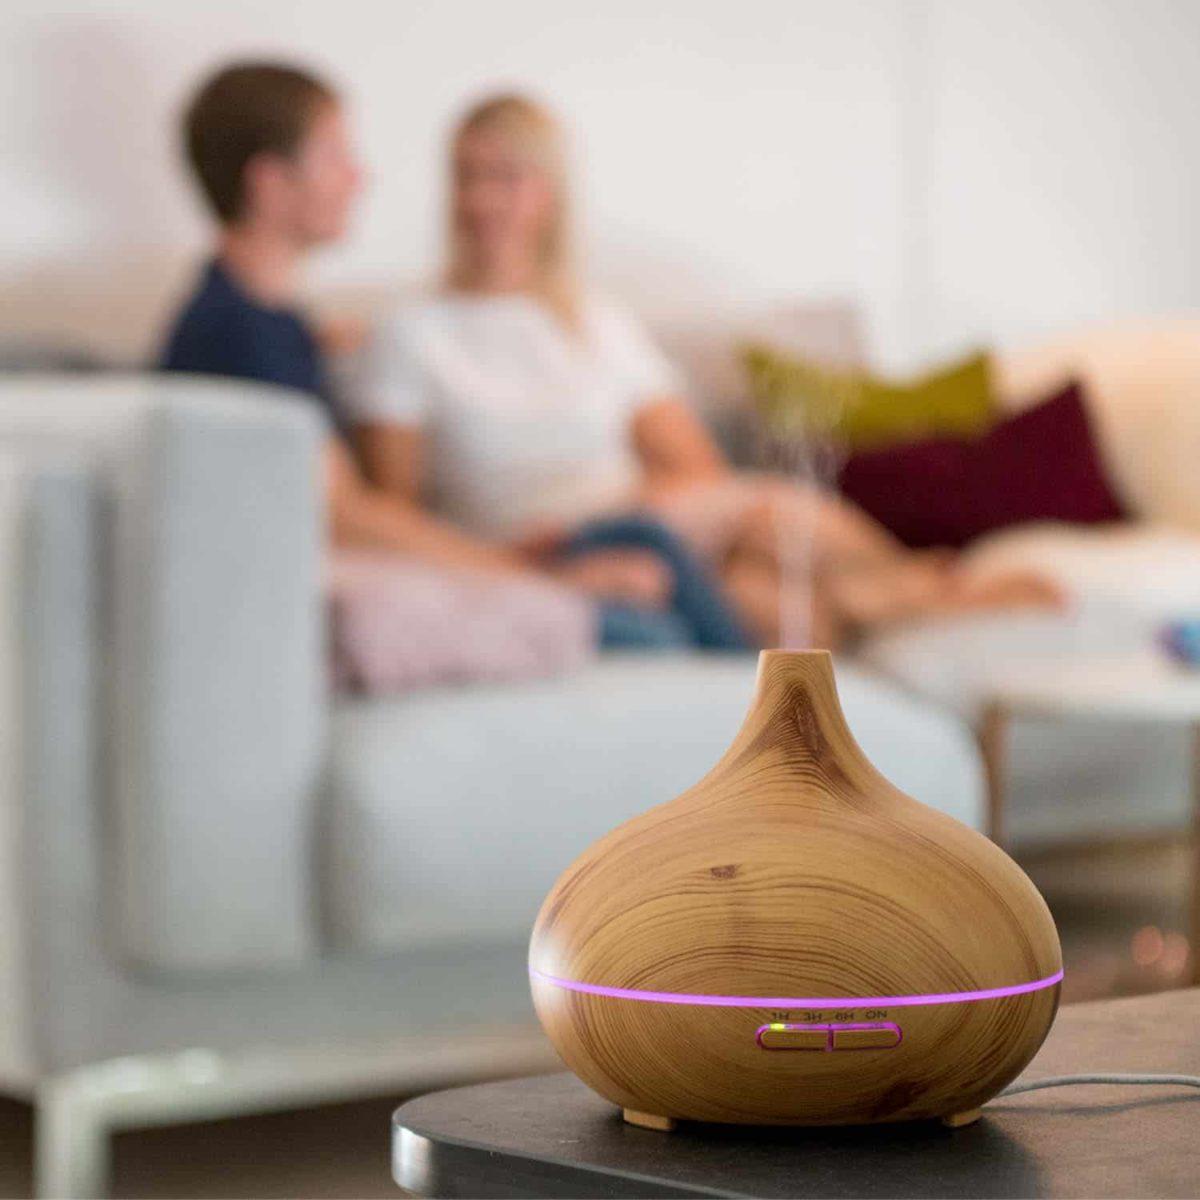 Casida Duftmischung Klare Gedanken - 5 ml 17394500 PZN Apotheke Fokussierung Aromatherapie Aromapflege Aromaschmuck Diffuser3